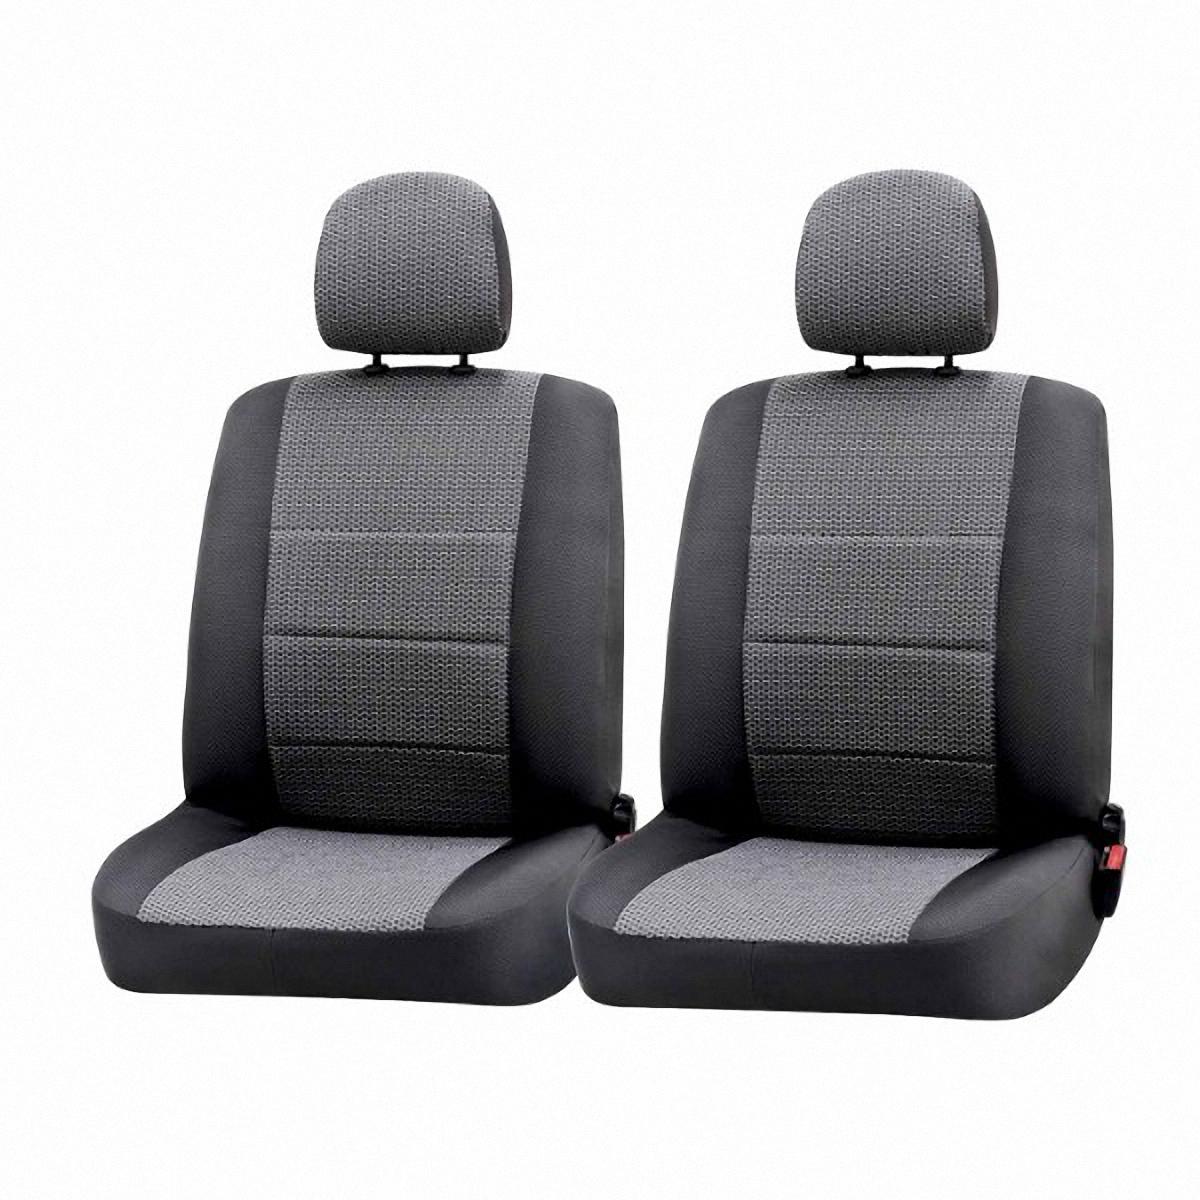 Чехлы автомобильные Skyway Toyota Corolla (седан), 15 предметов. Ty1-2Ty1-2Разработанные по точным лекалам чехлы идеально садятся на стандартные сиденья авто и обеспечивают эстетический внешний вид. Прочный и надежный в эксплуатации материал сохраняет свои свойства на длительное время и не требует особого ухода.